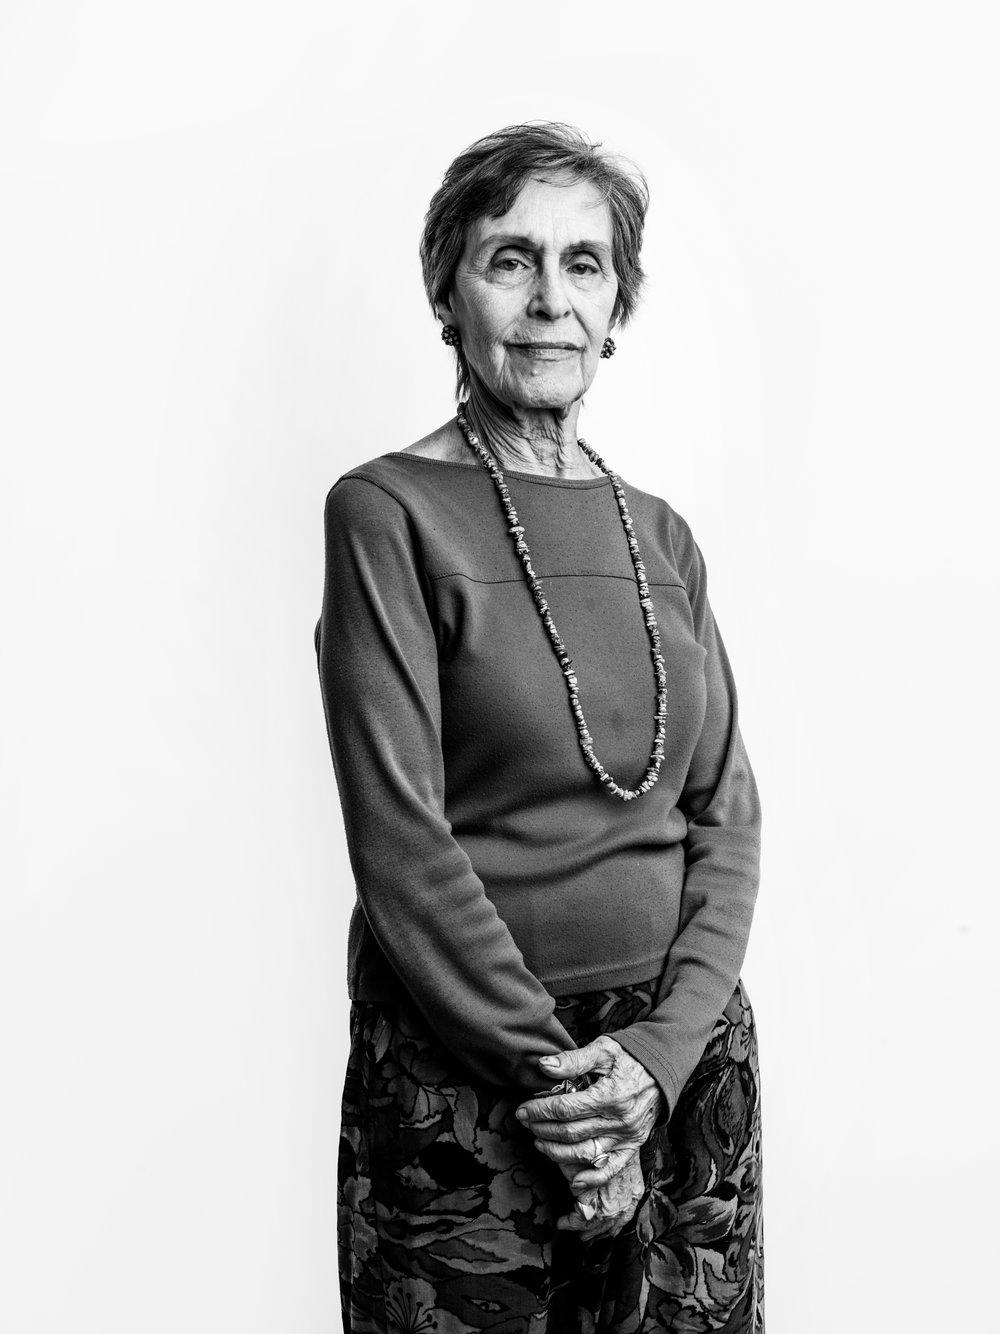 ALIX KATES SHULMAN | WRITER, 1975-1990